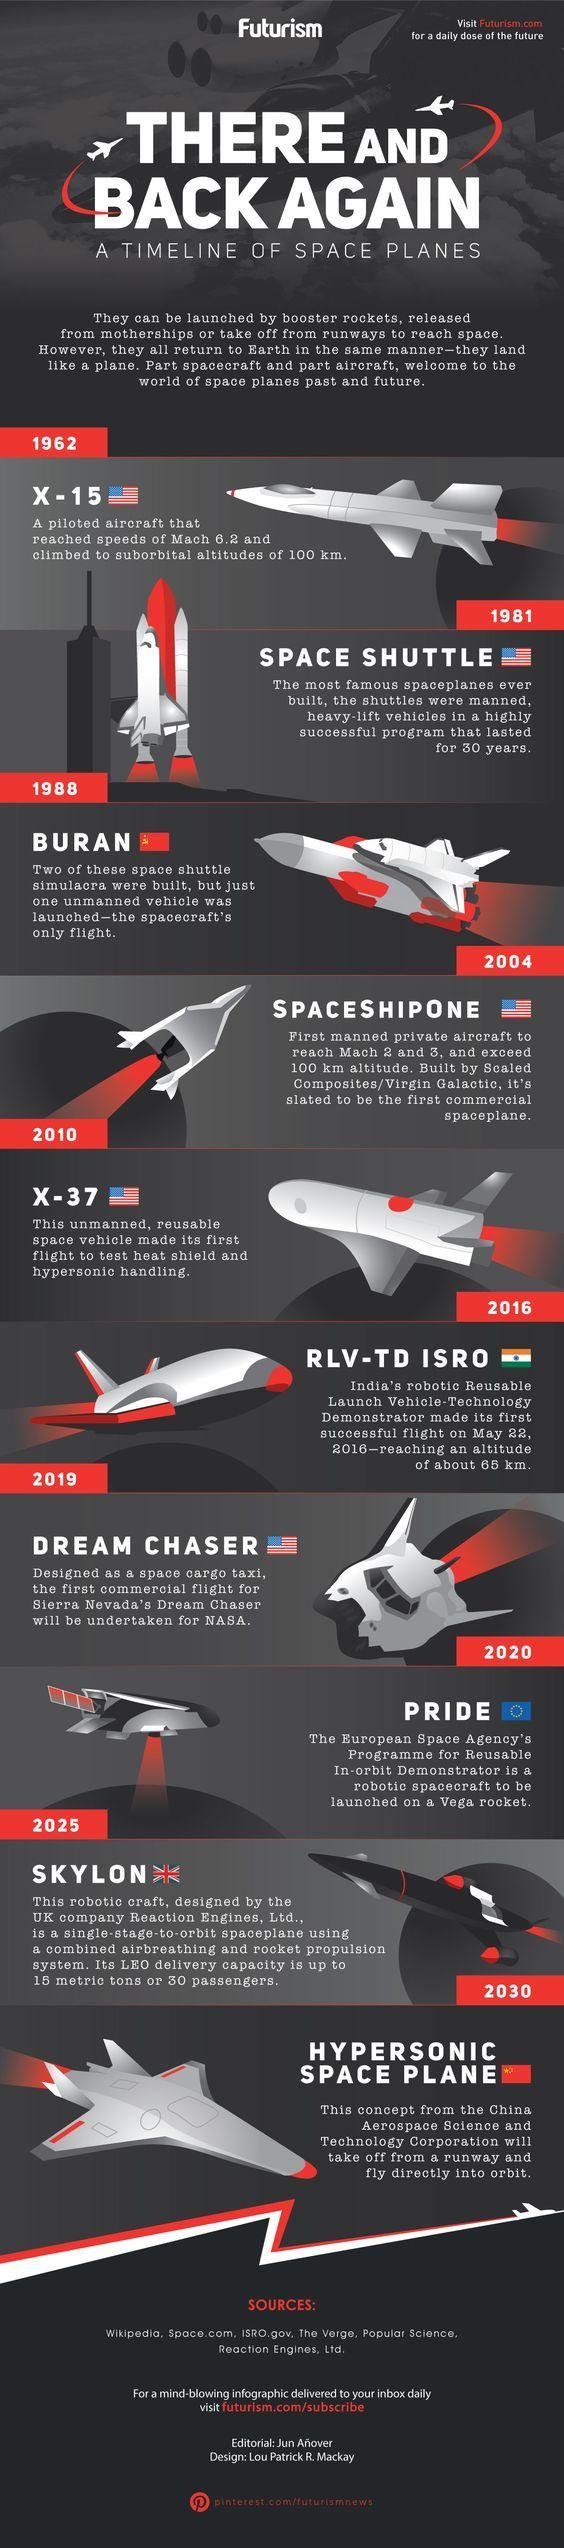 Timeline de naves espaciales